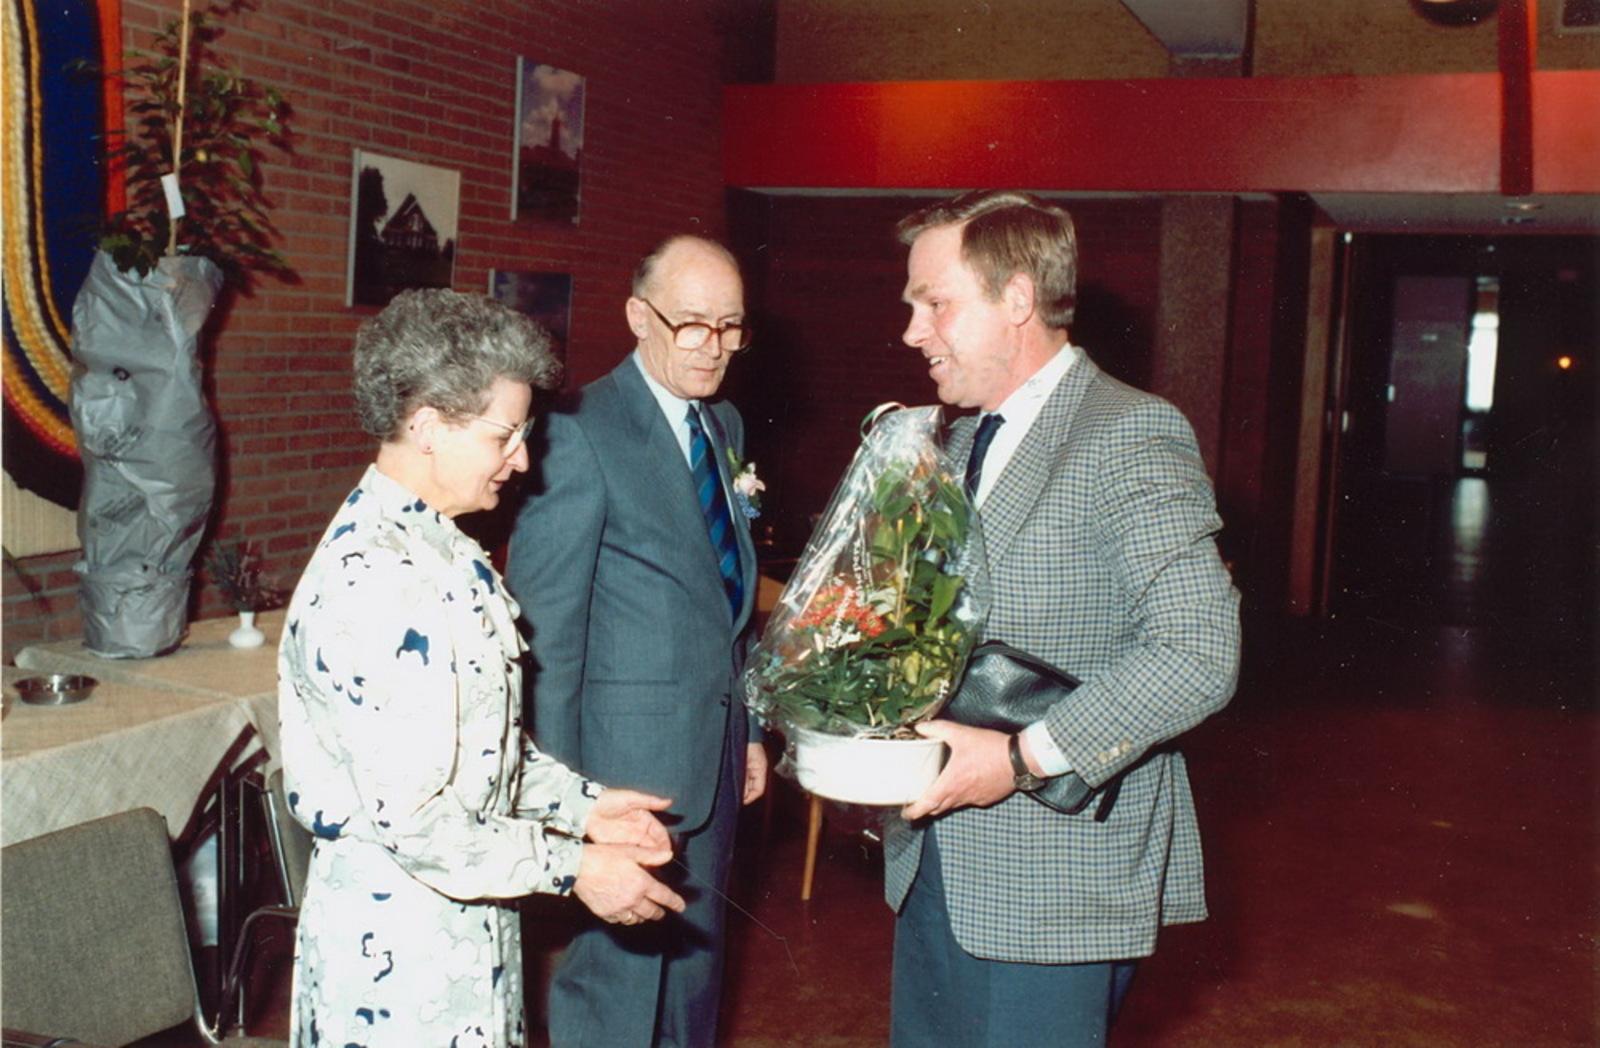 Marktlaan O 0022 1988 Sigarenboer Kraak 50jr Jub en Sluiting 41